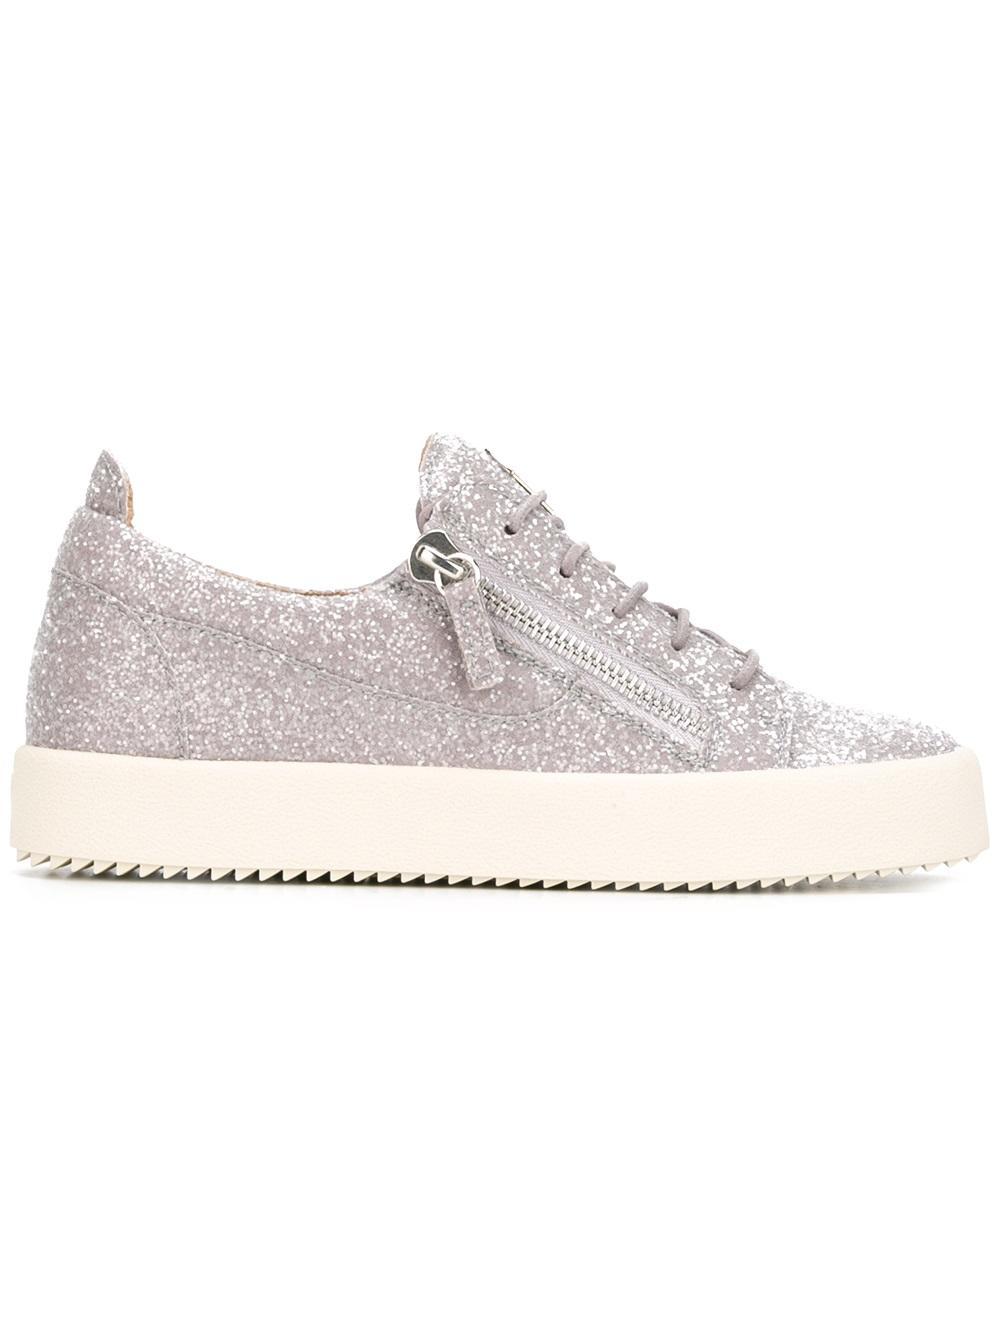 Zanotti sneakers femme solde